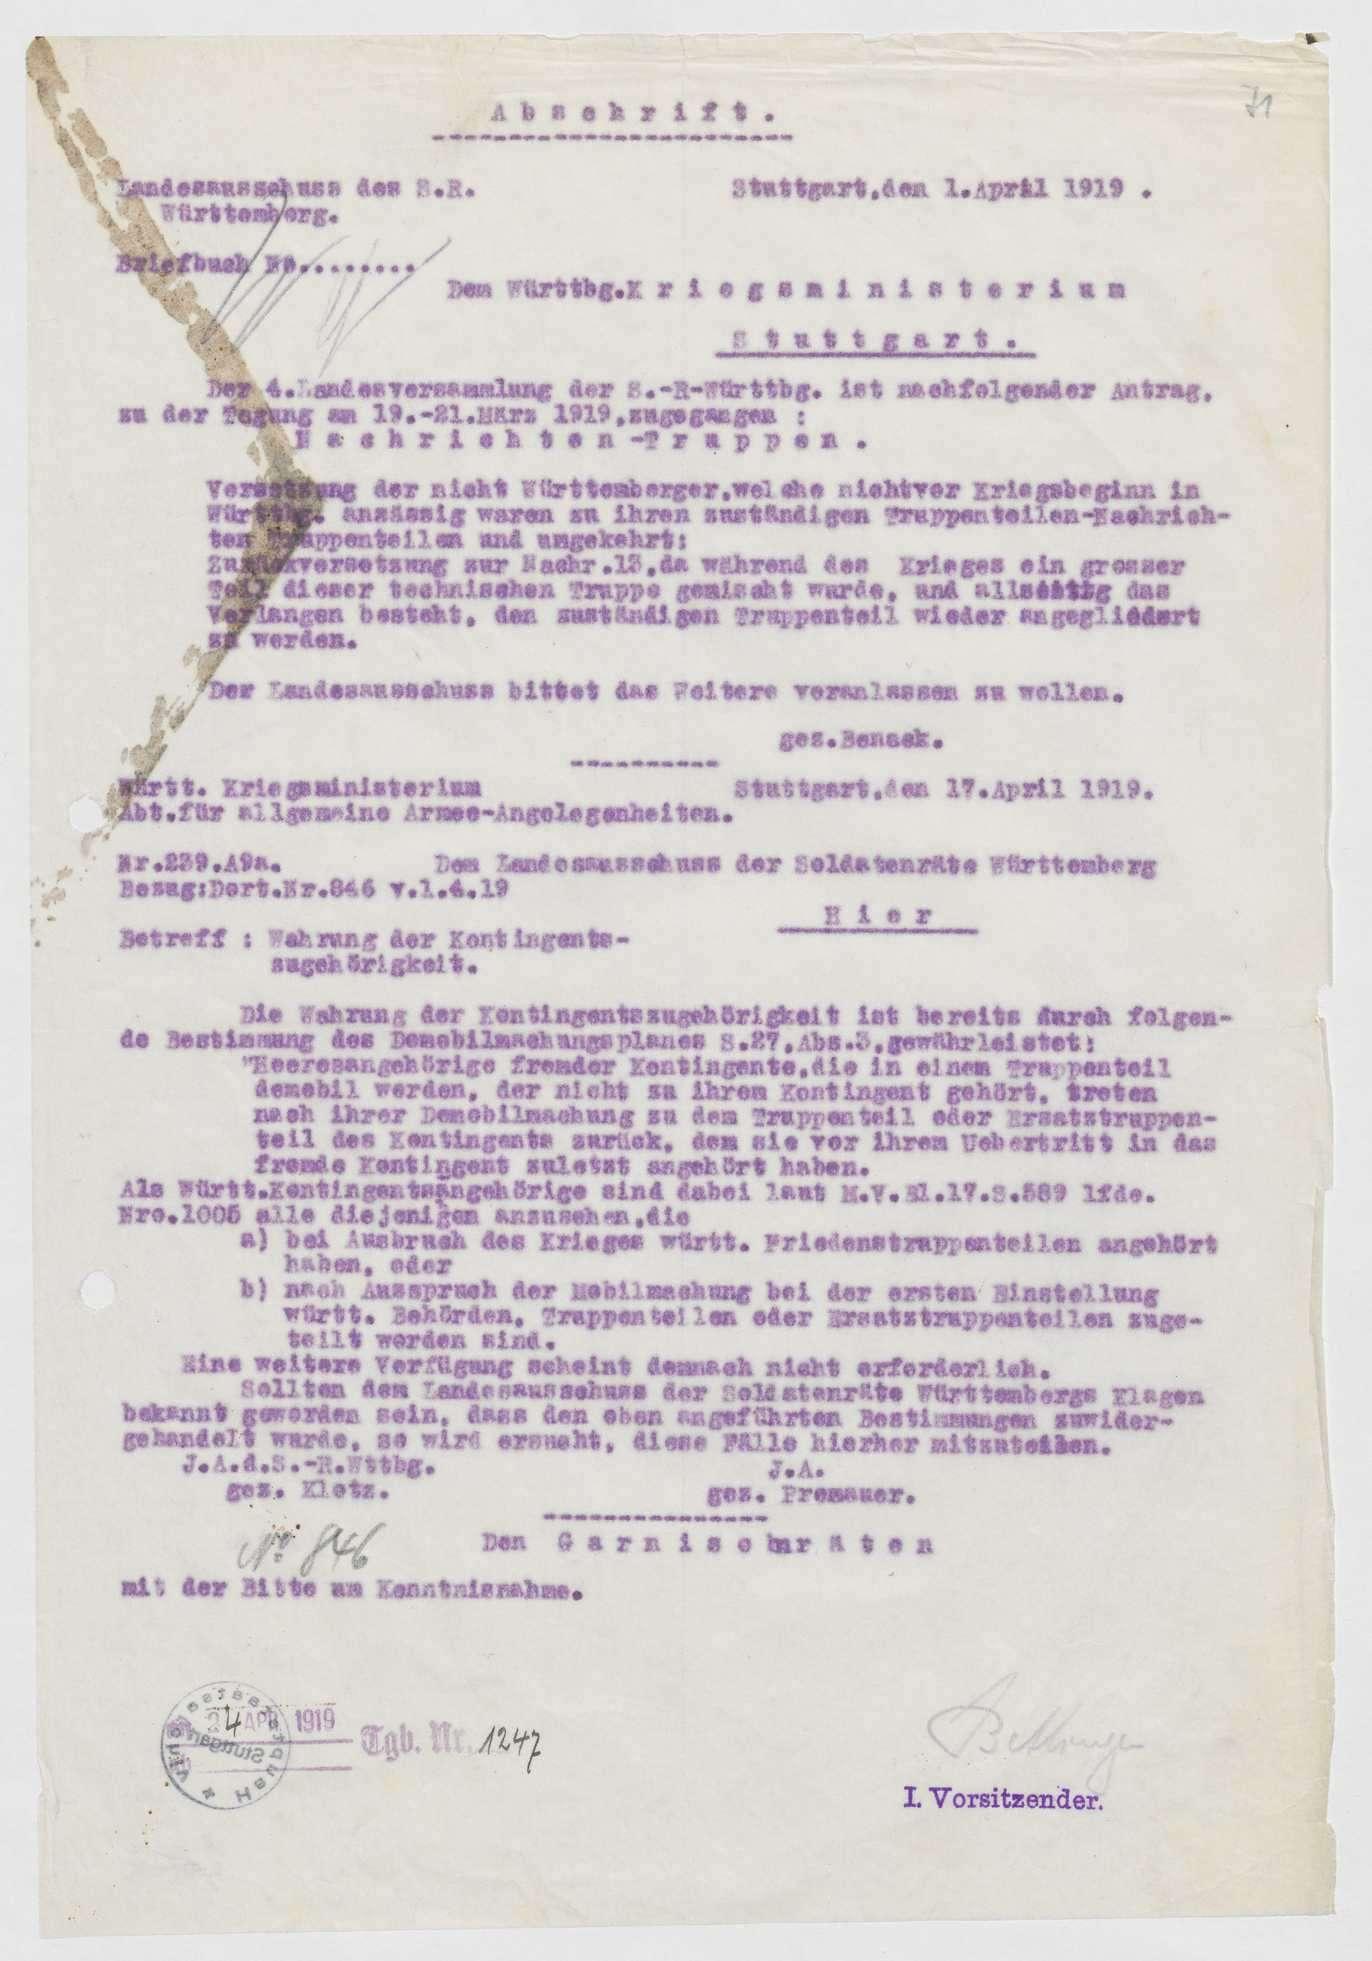 Wahrung der Kontingentszugehörigkeit im Rahmen der Demobilmachung, Bild 1